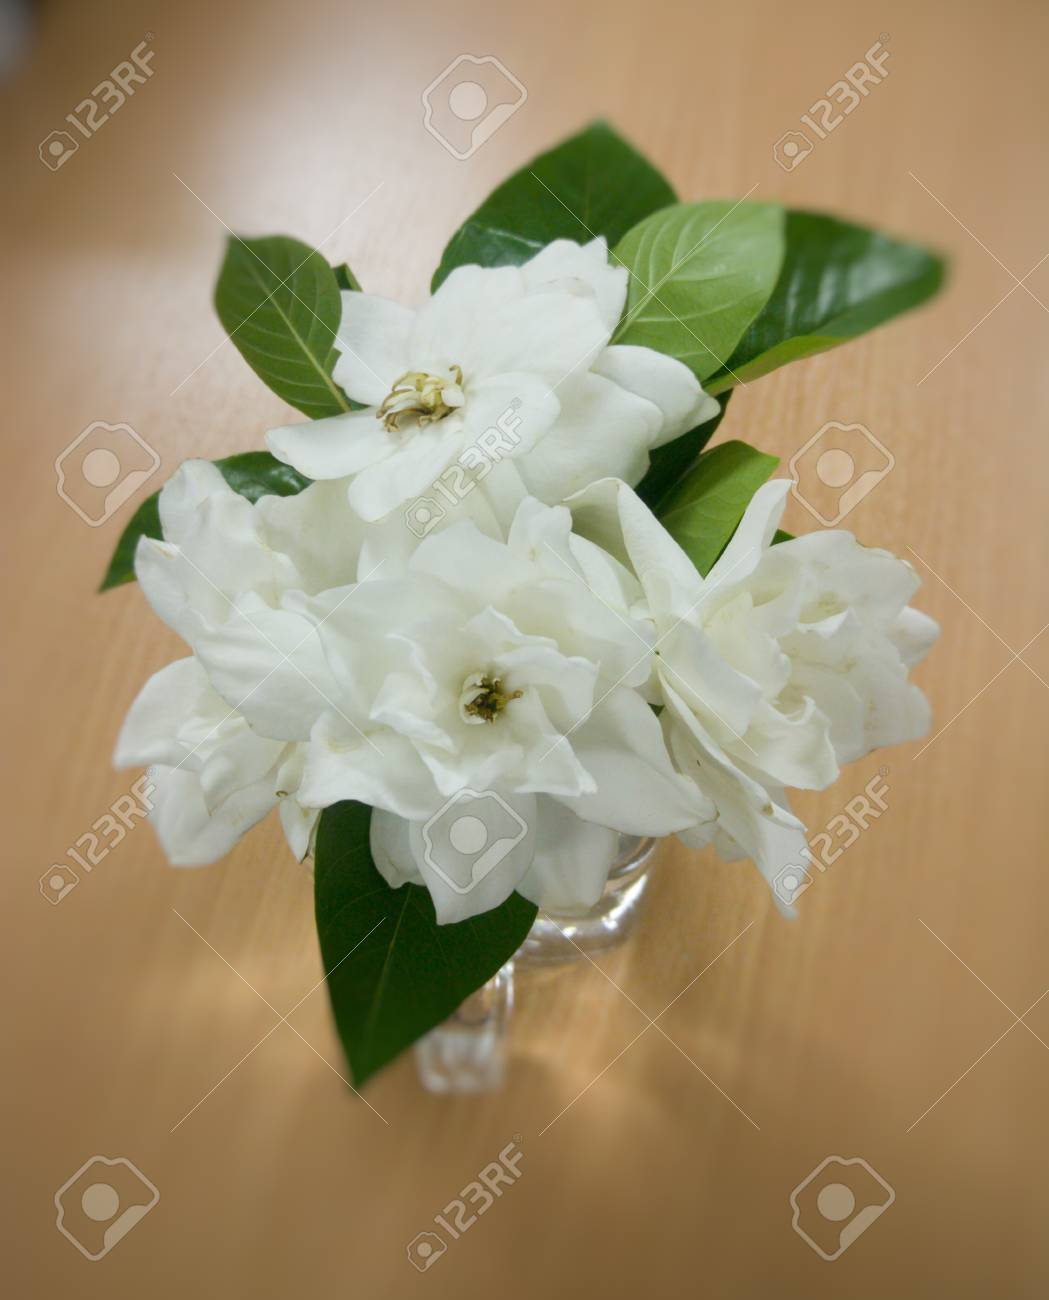 Weisse Blumen Im Glas Lizenzfreie Fotos Bilder Und Stock